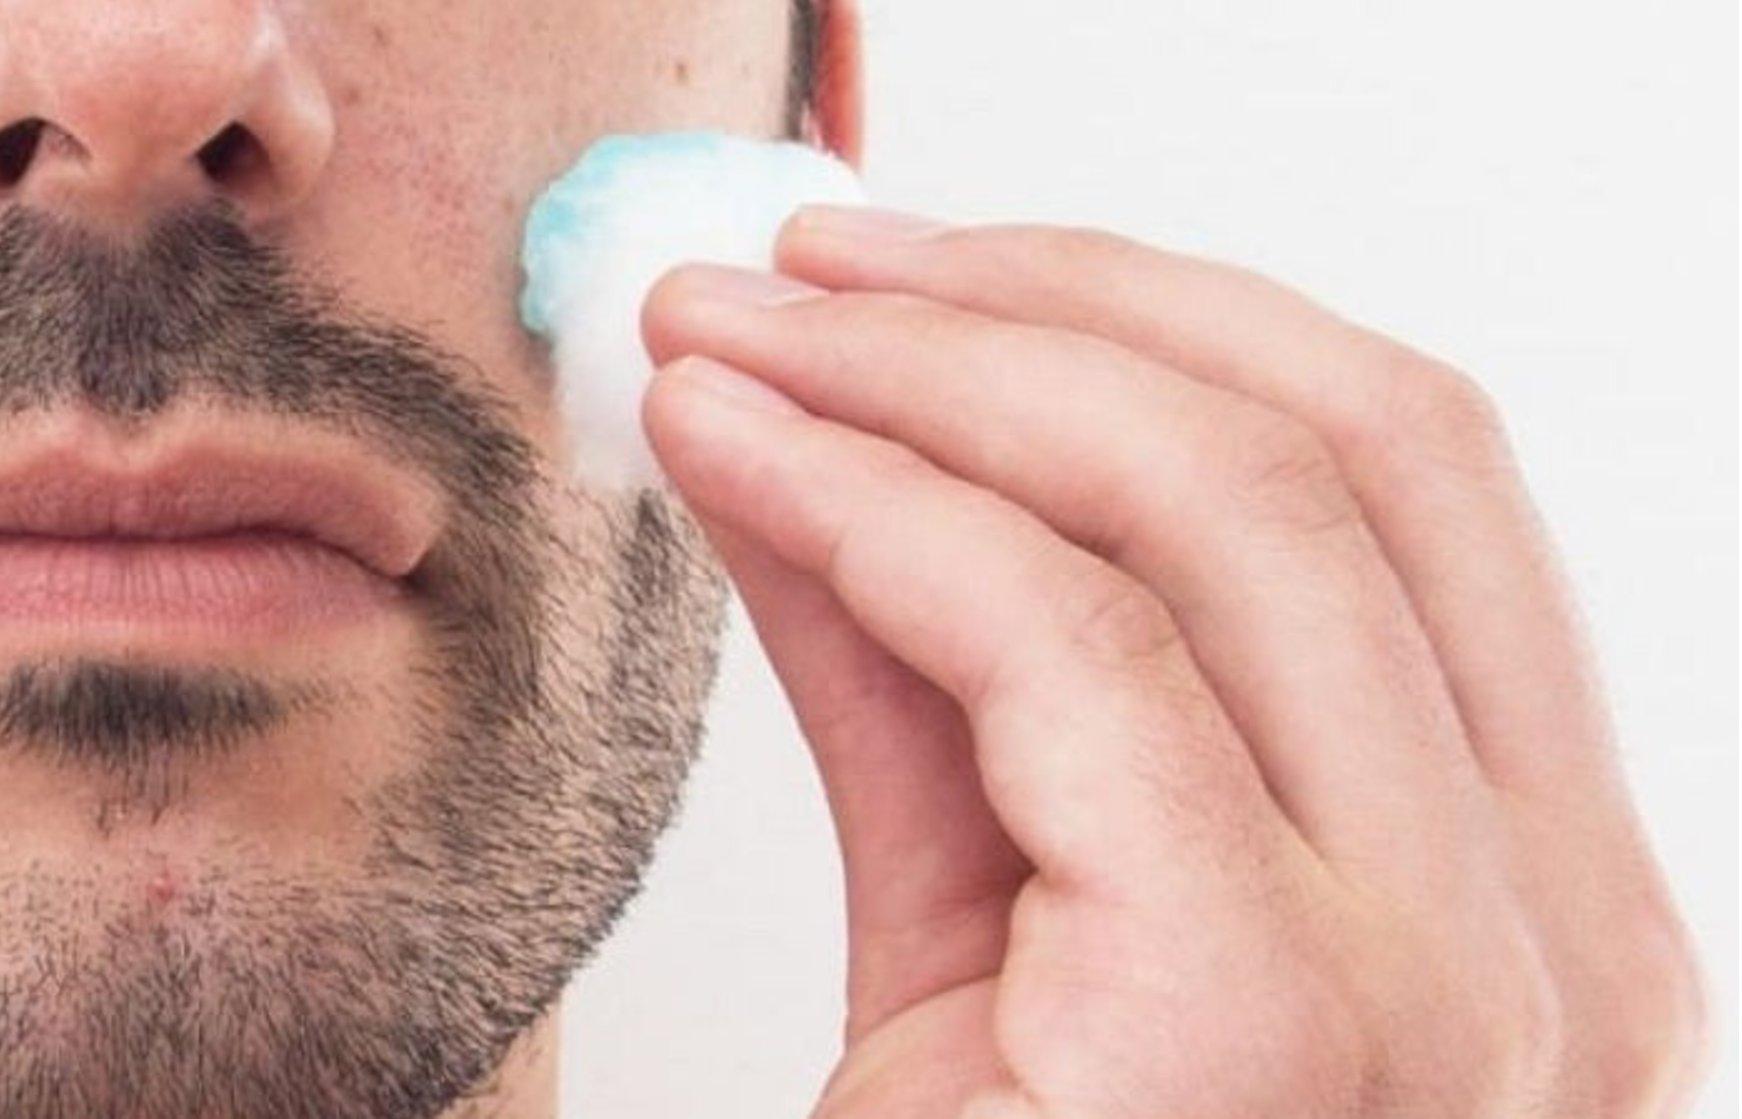 duemfma - 구강청정제의 색다른 '9가지' 활용법